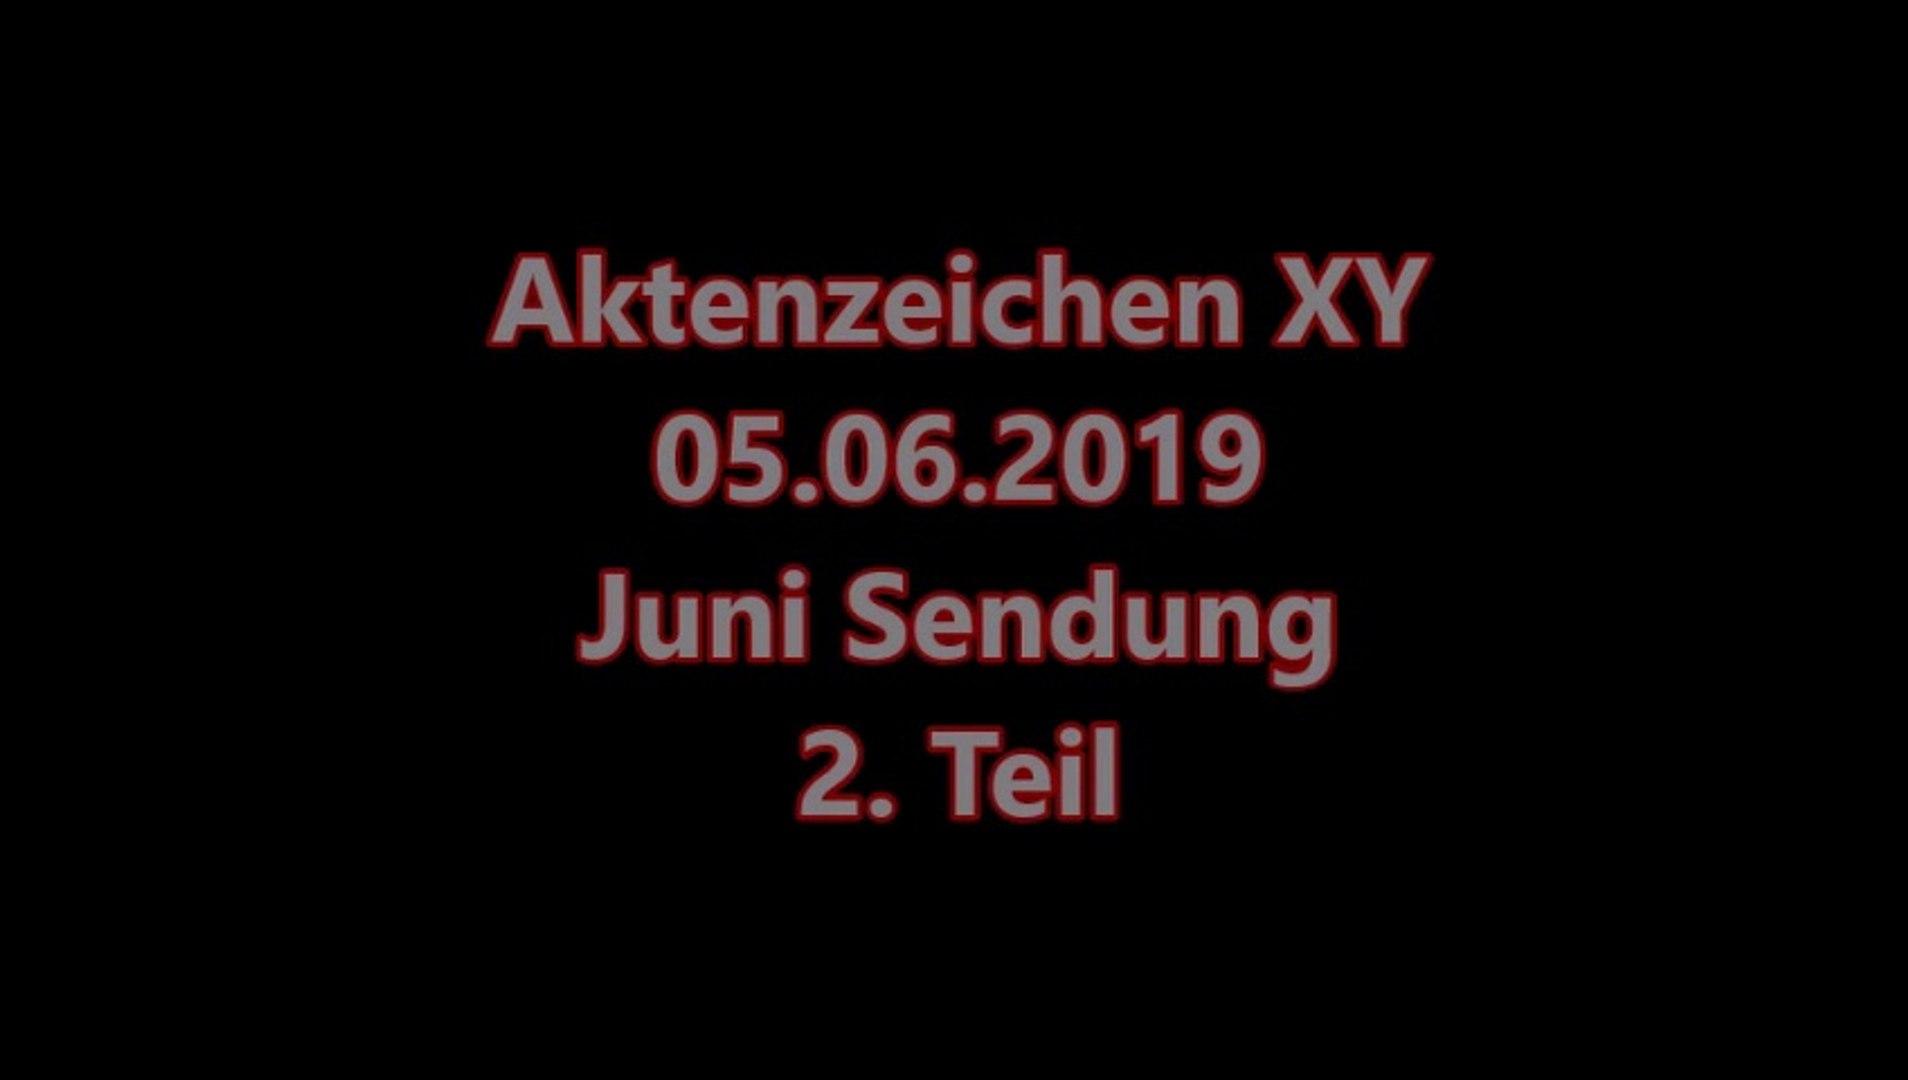 aktenzeichen xy juni 2019